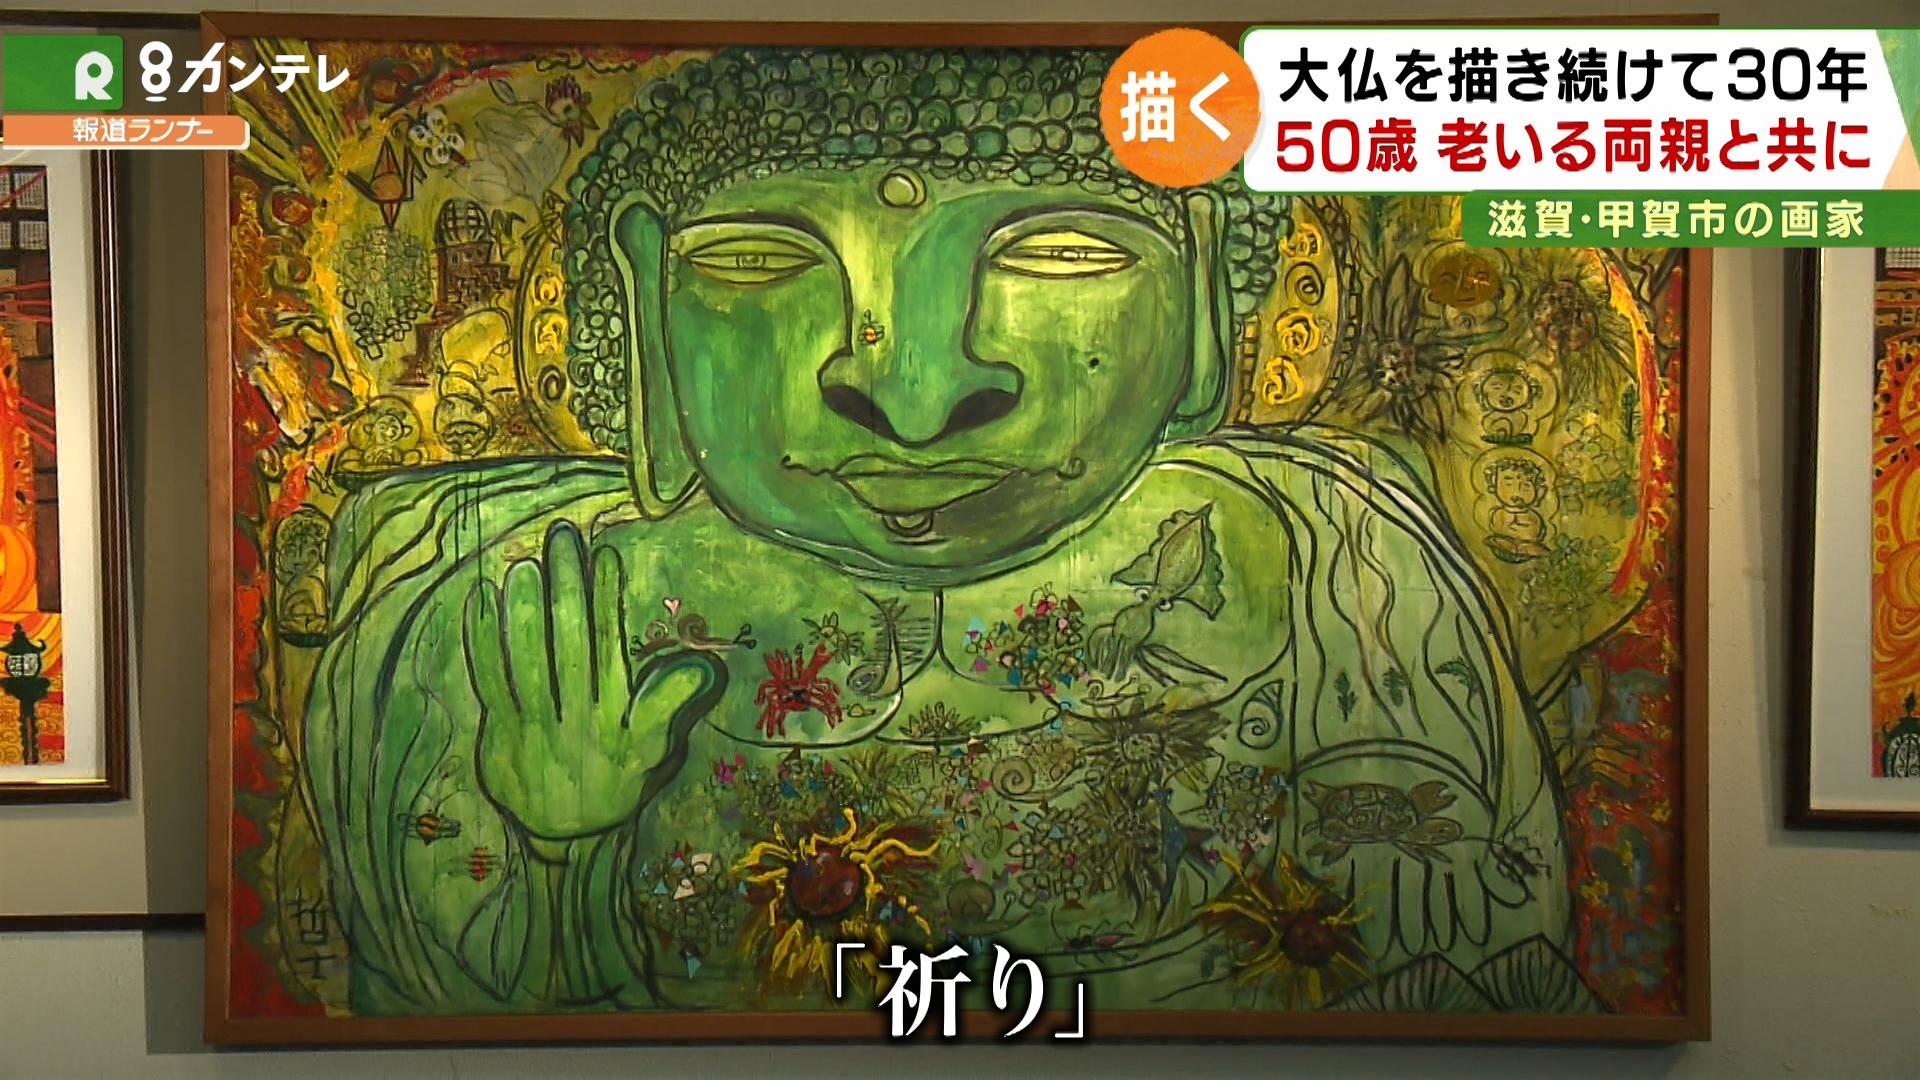 【特集】左半身の障害を越え、大仏を描き続けて「30年」 画家・岩下哲士さん